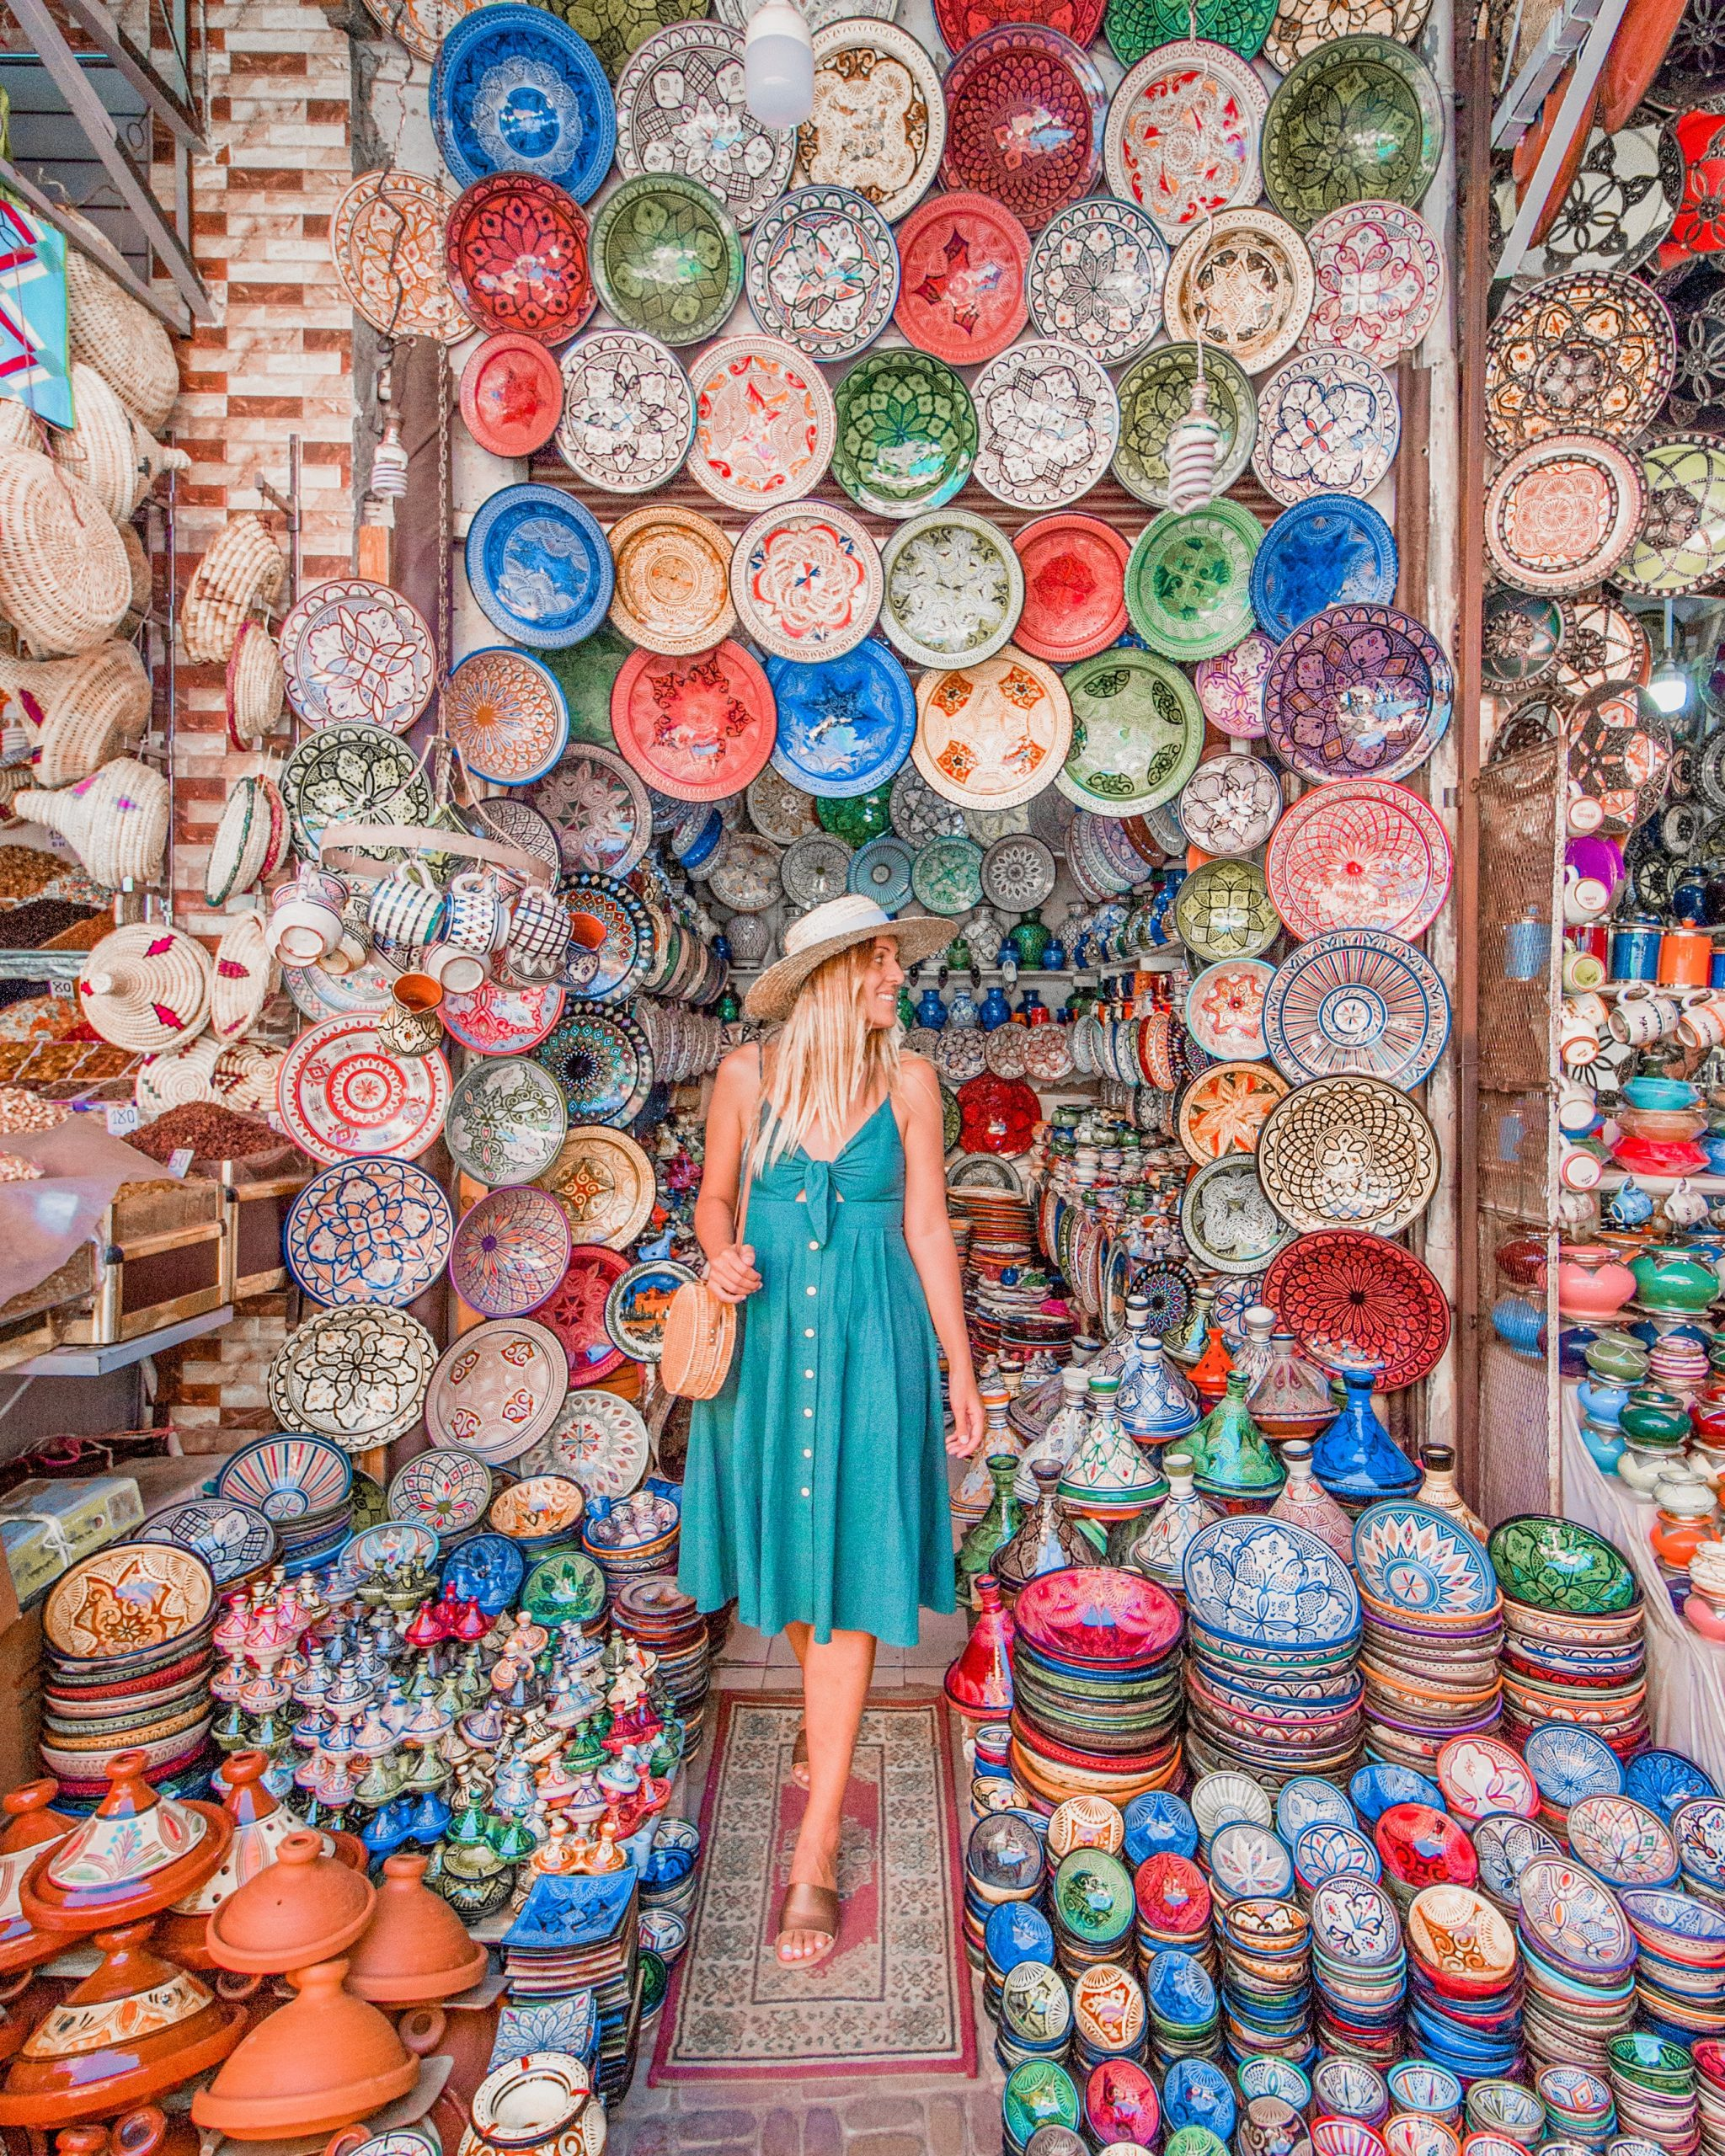 Plates souk Marrakech